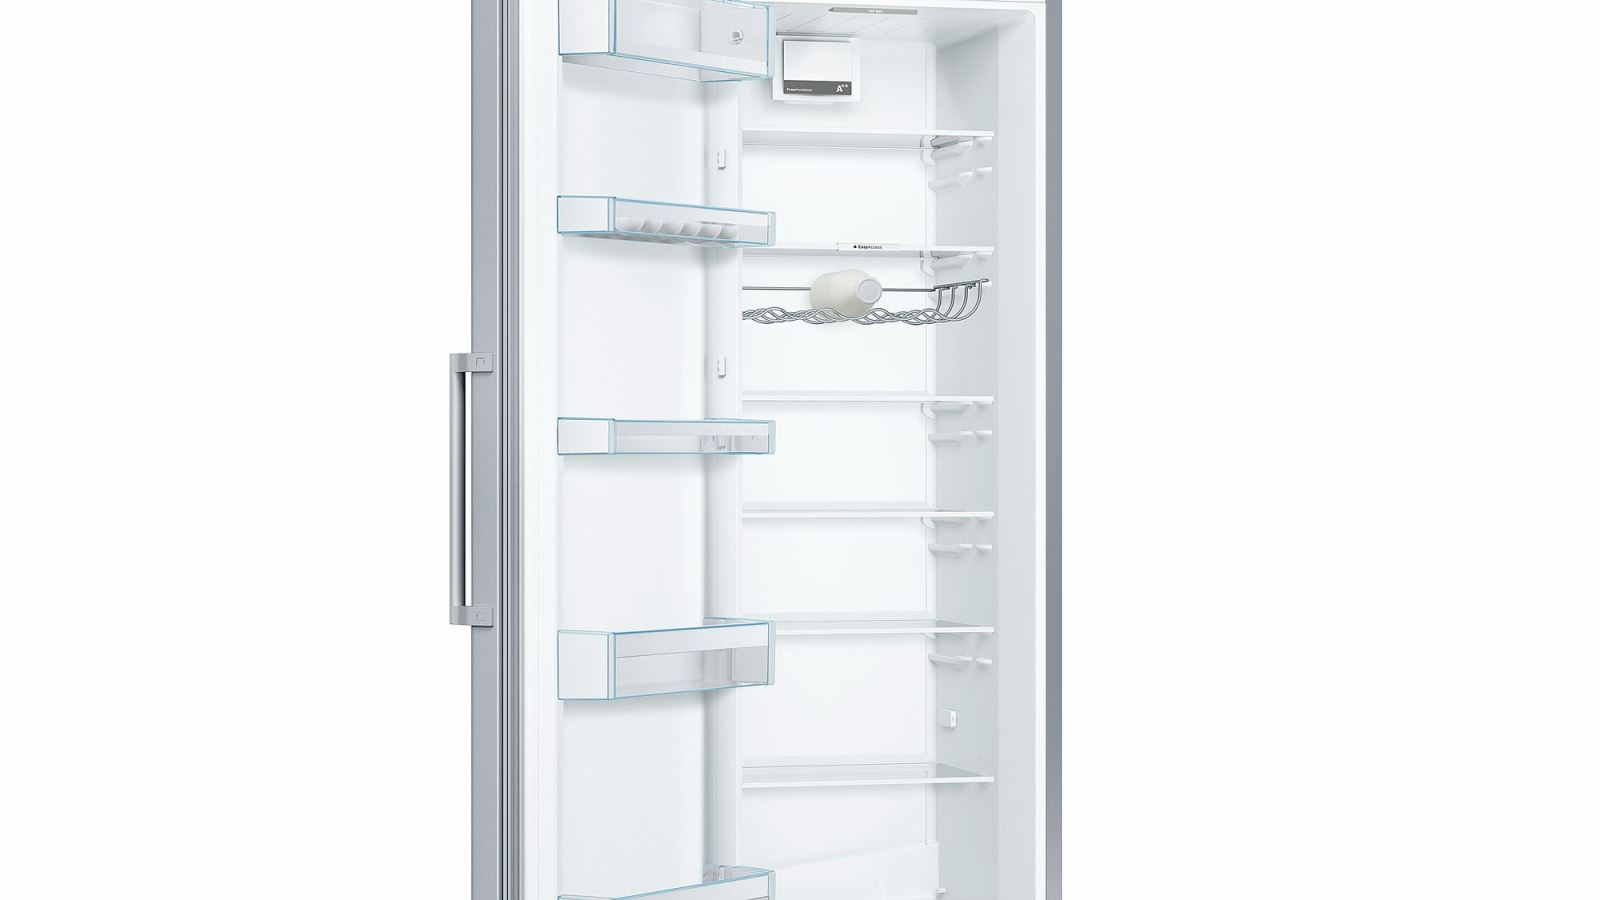 Tủ Mát Bosch KSV36VI3P - Nơi Giữ Thực Phẩm Luôn Tươi Ngon Và Mát Lành